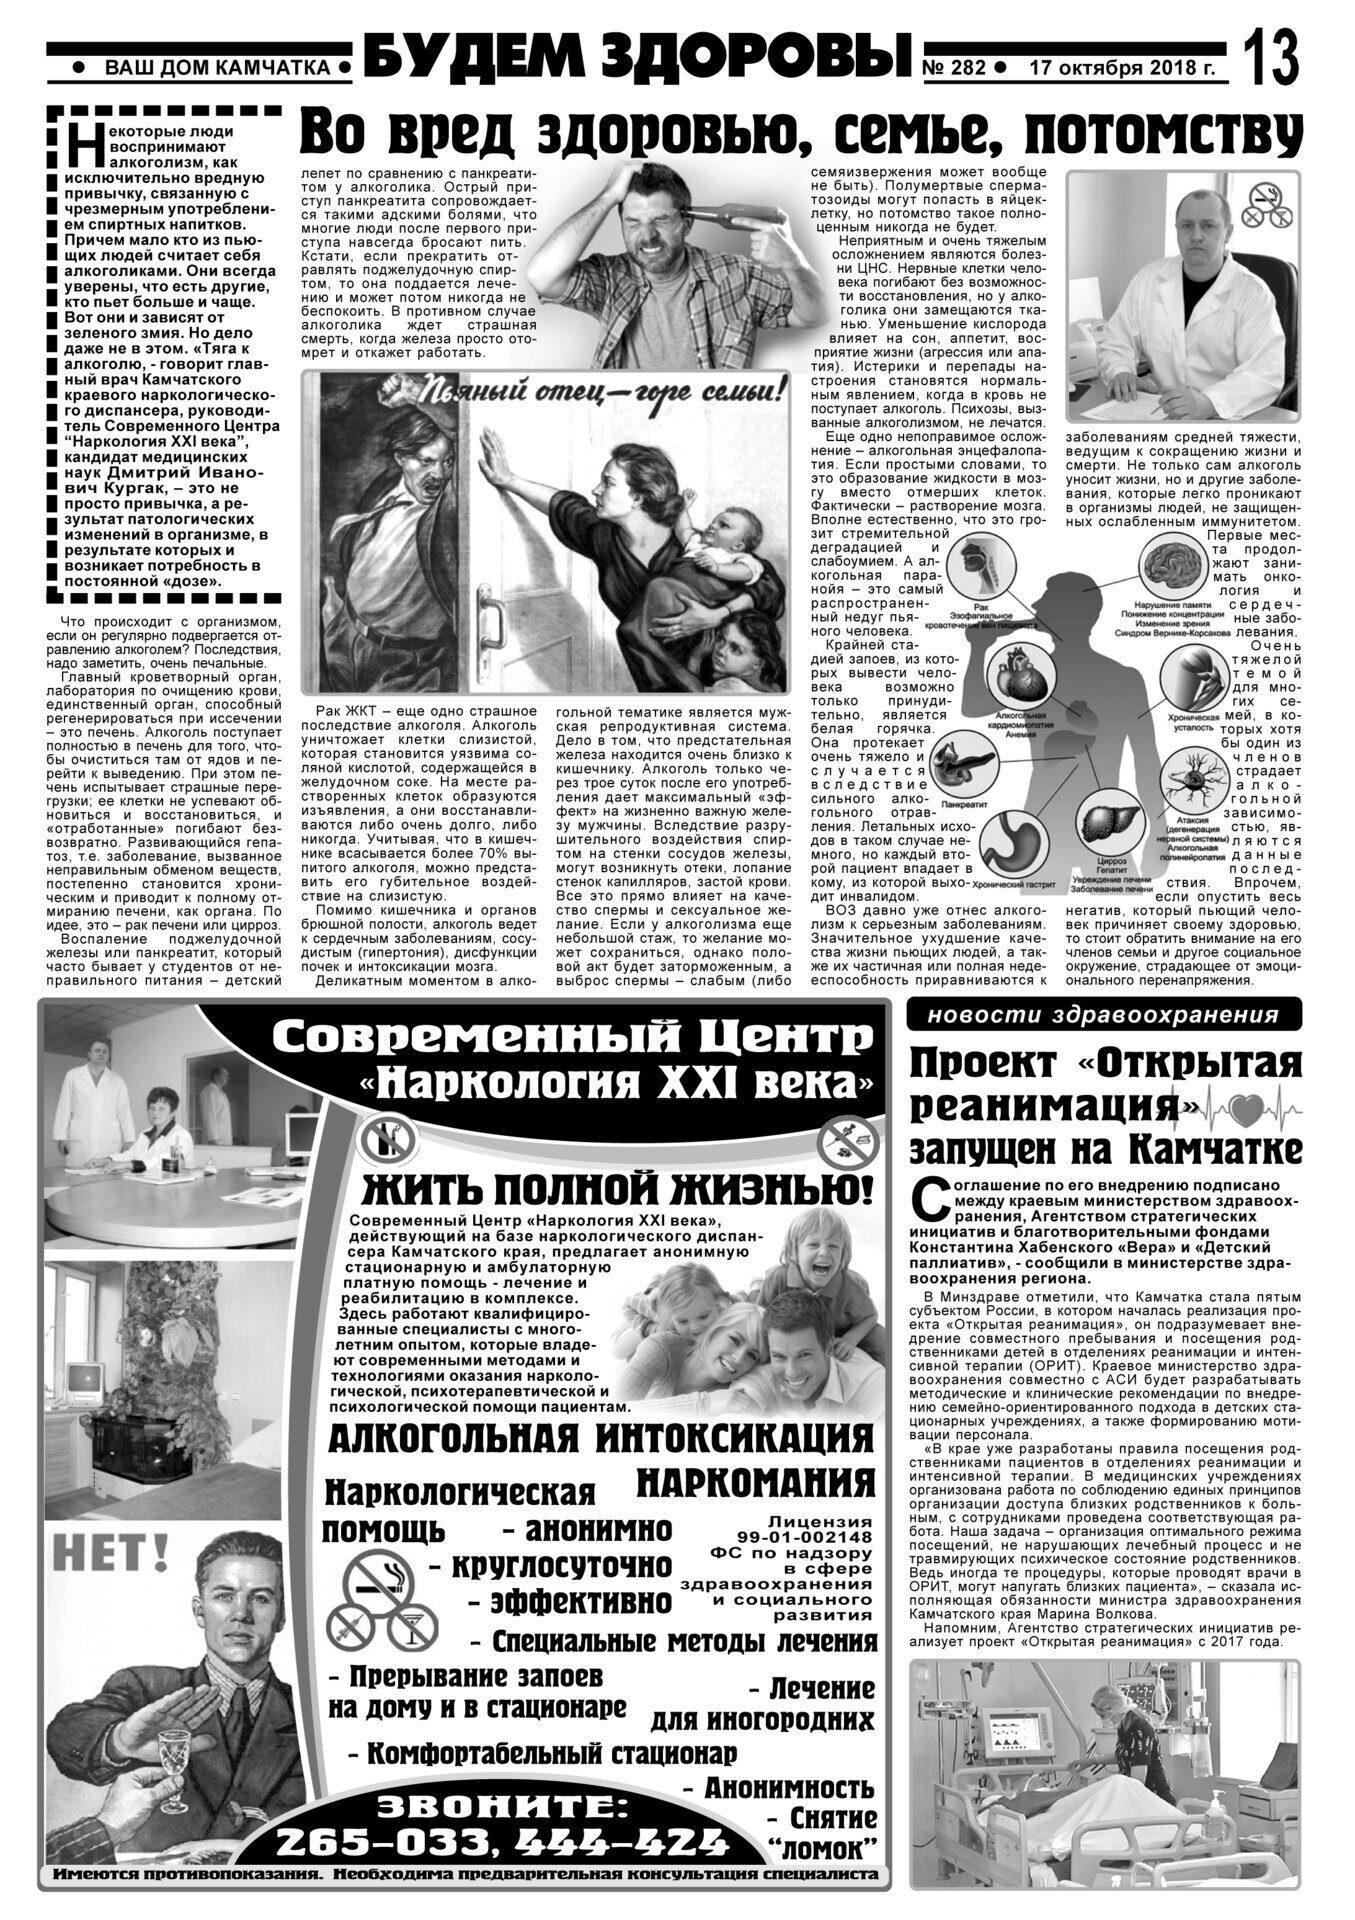 Публикация в газете Ваш Дом Камчатка №282